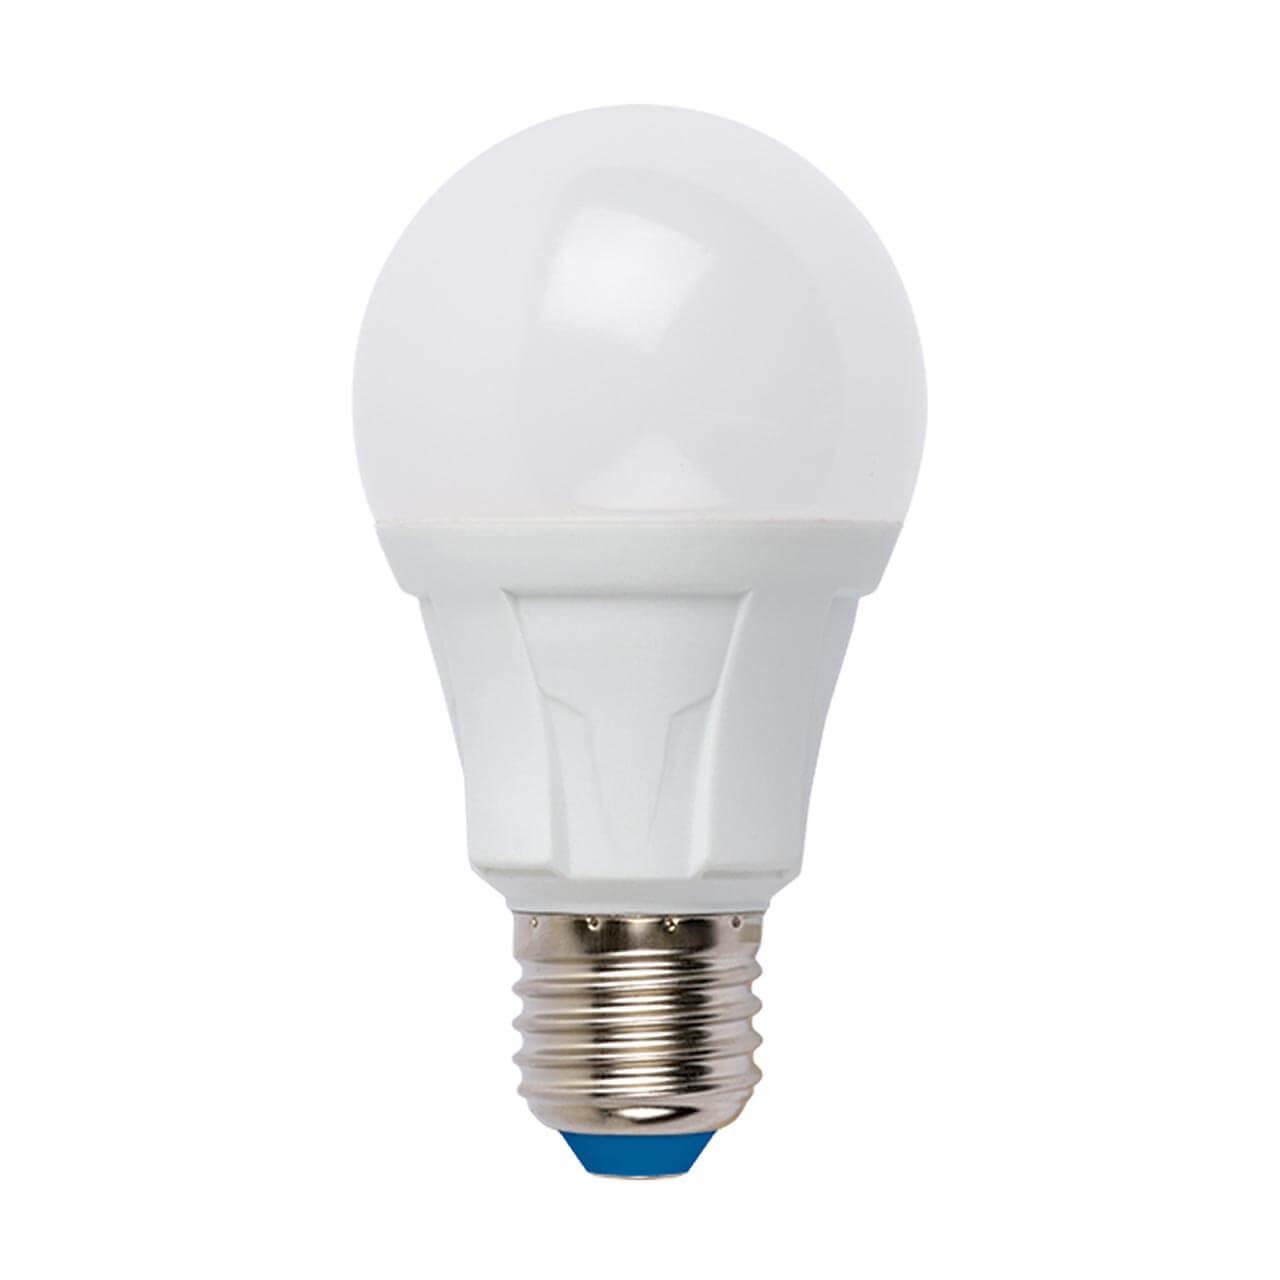 Лампа светодиодная (UL-00005030) E27 13W 3000K матовая LED-A60 13W/3000K/E27/FR PLP01WH цена